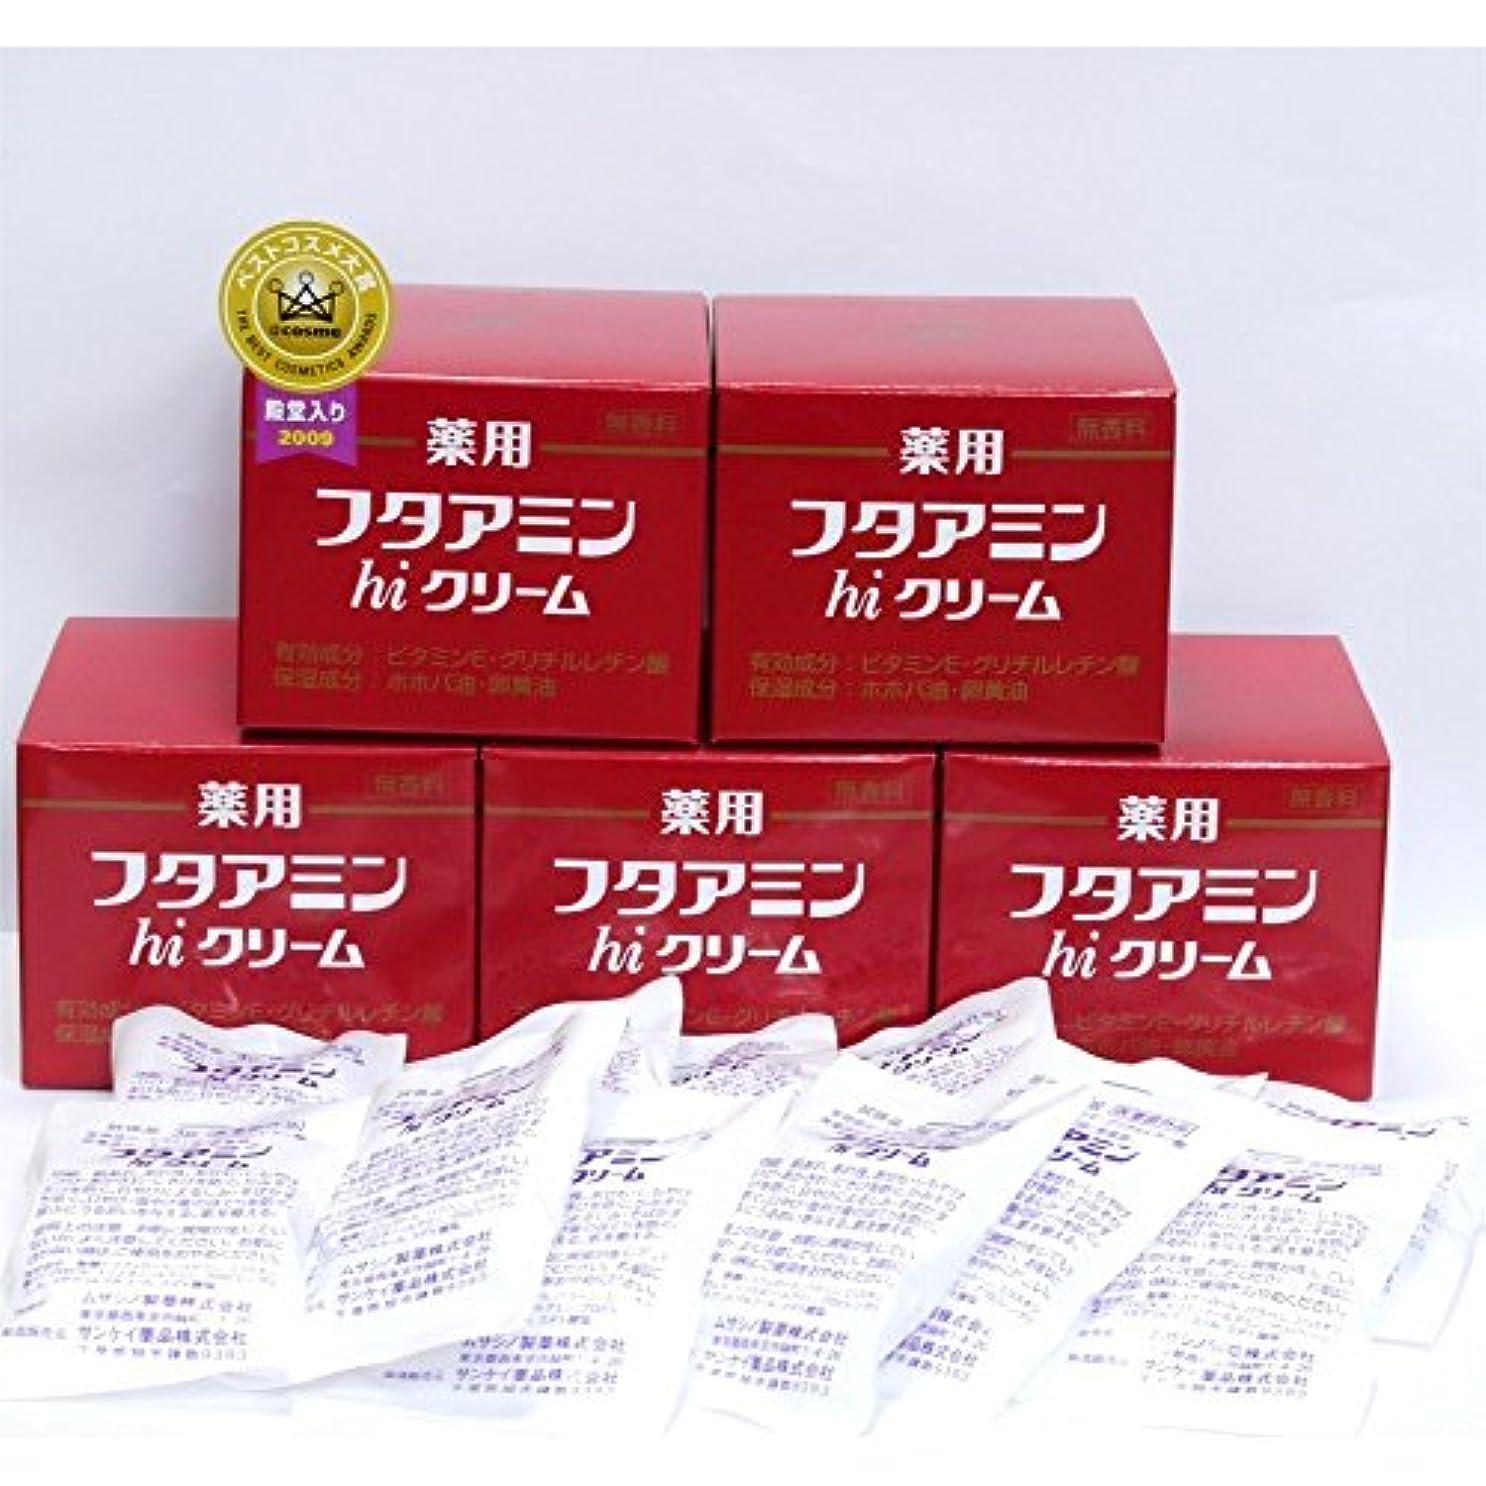 チャップ強調する愛されし者薬用 フタアミンhiクリーム 130g  5個セット 3gお試品×12個付